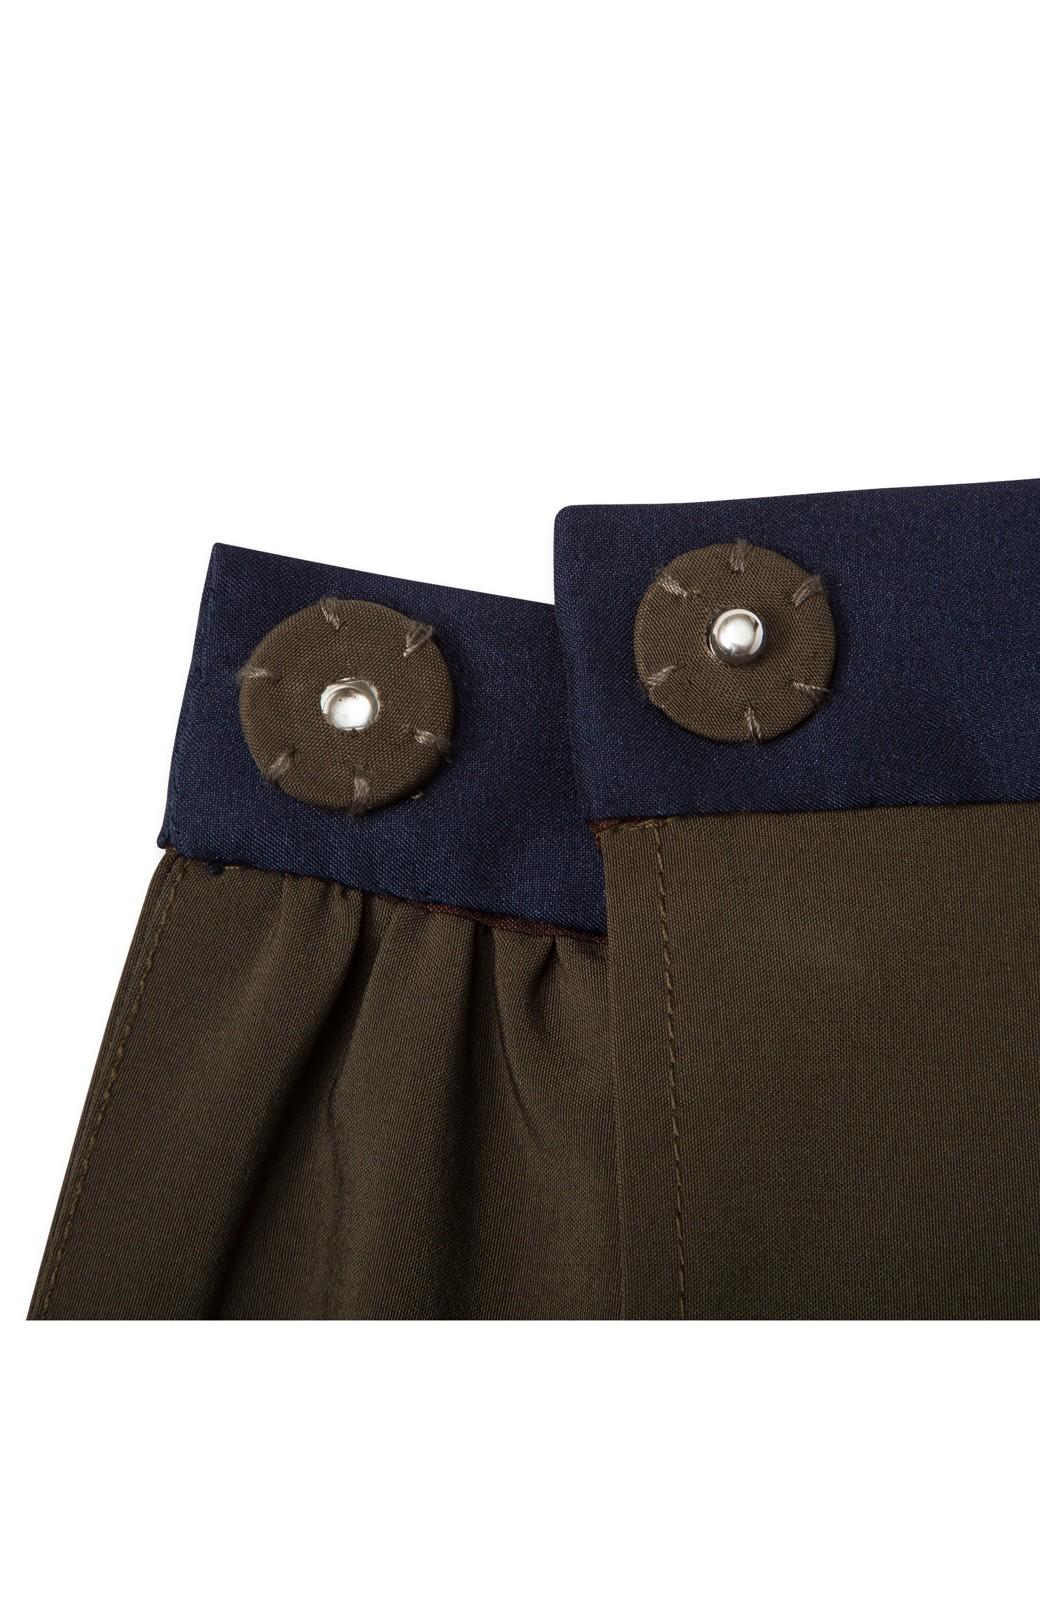 ロジーズ 配色プリーツロングスカート <カーキ>の商品写真4